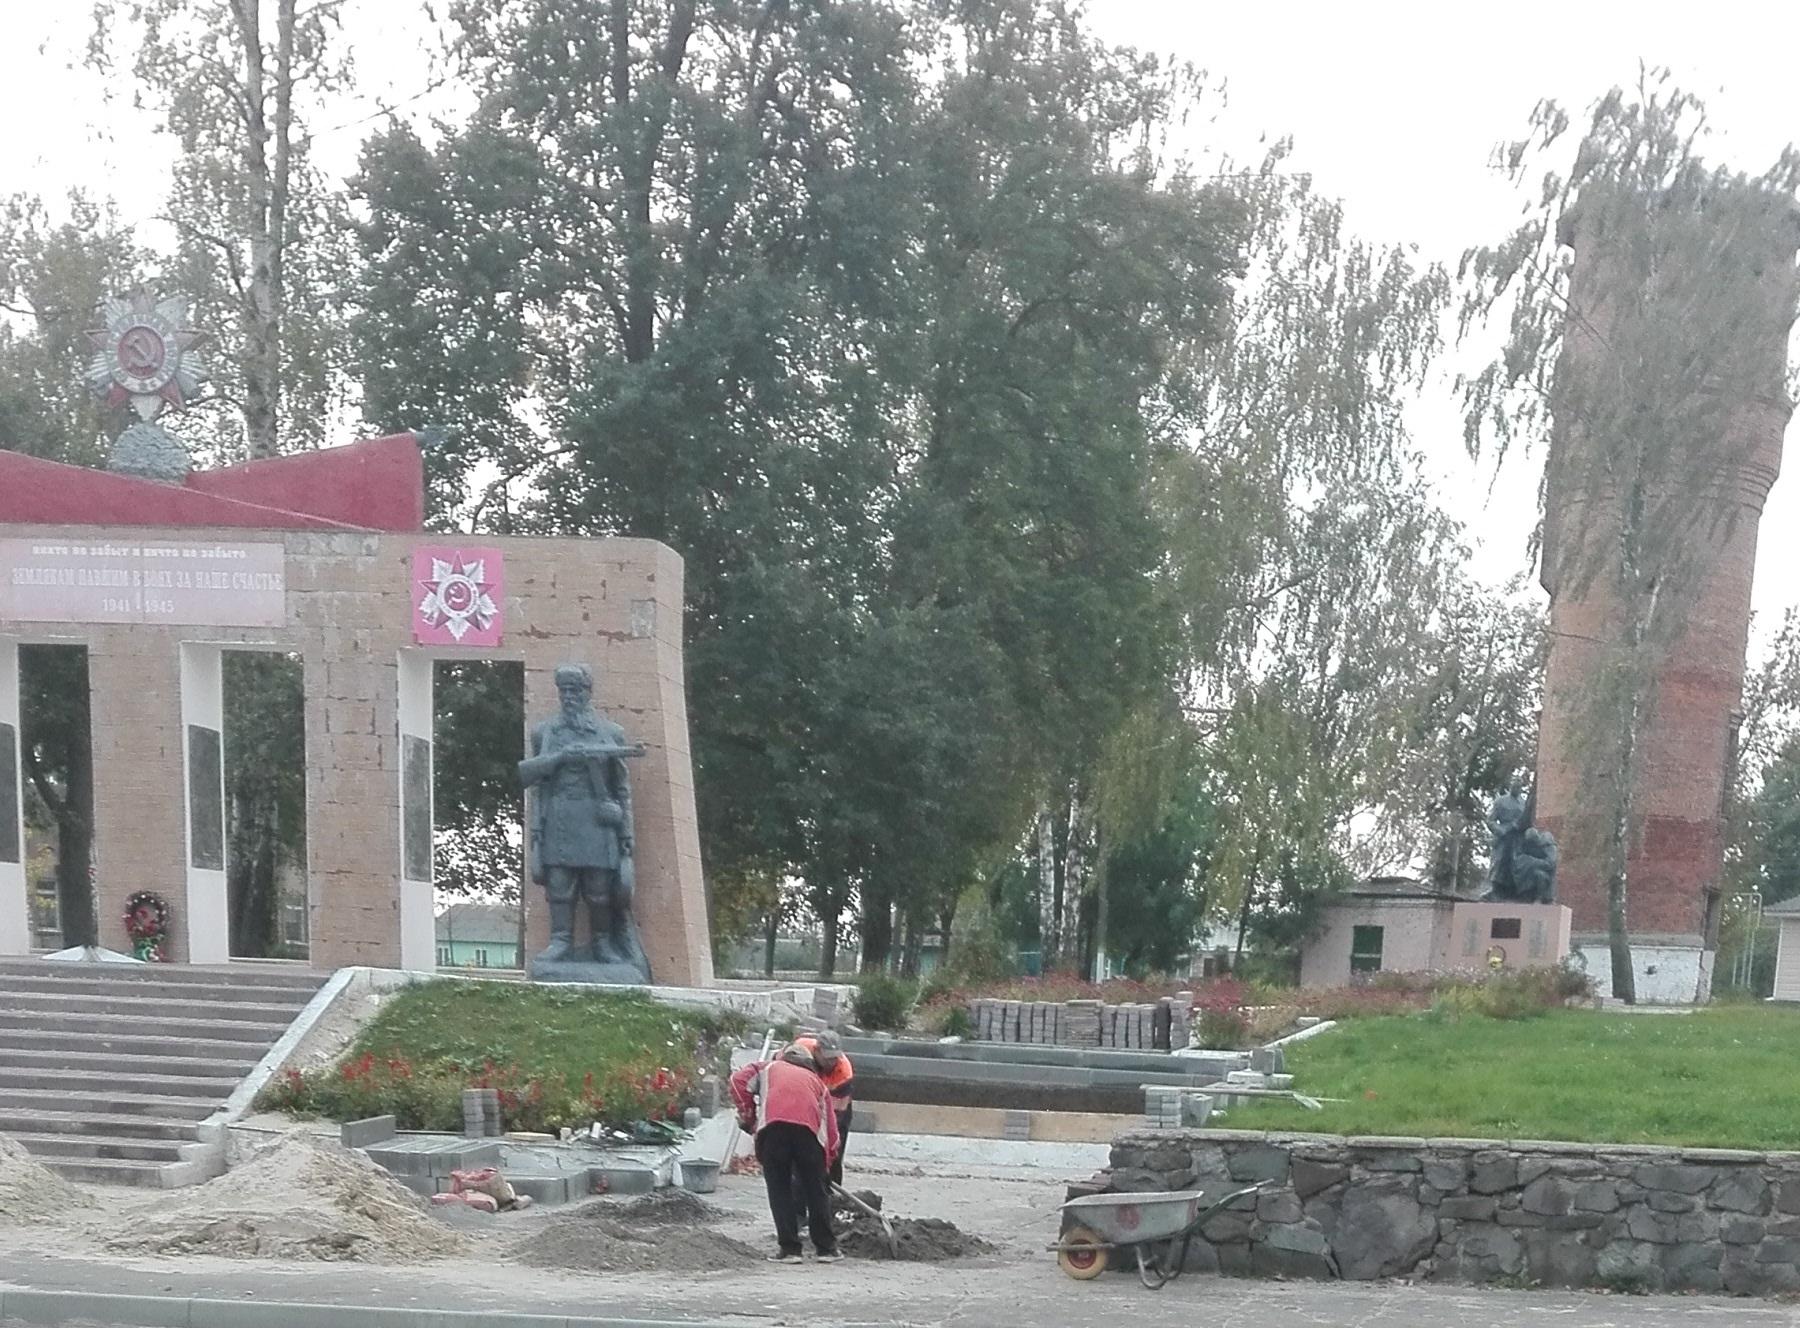 Сходи до меморіалу ремонтуються у порядку допомоги